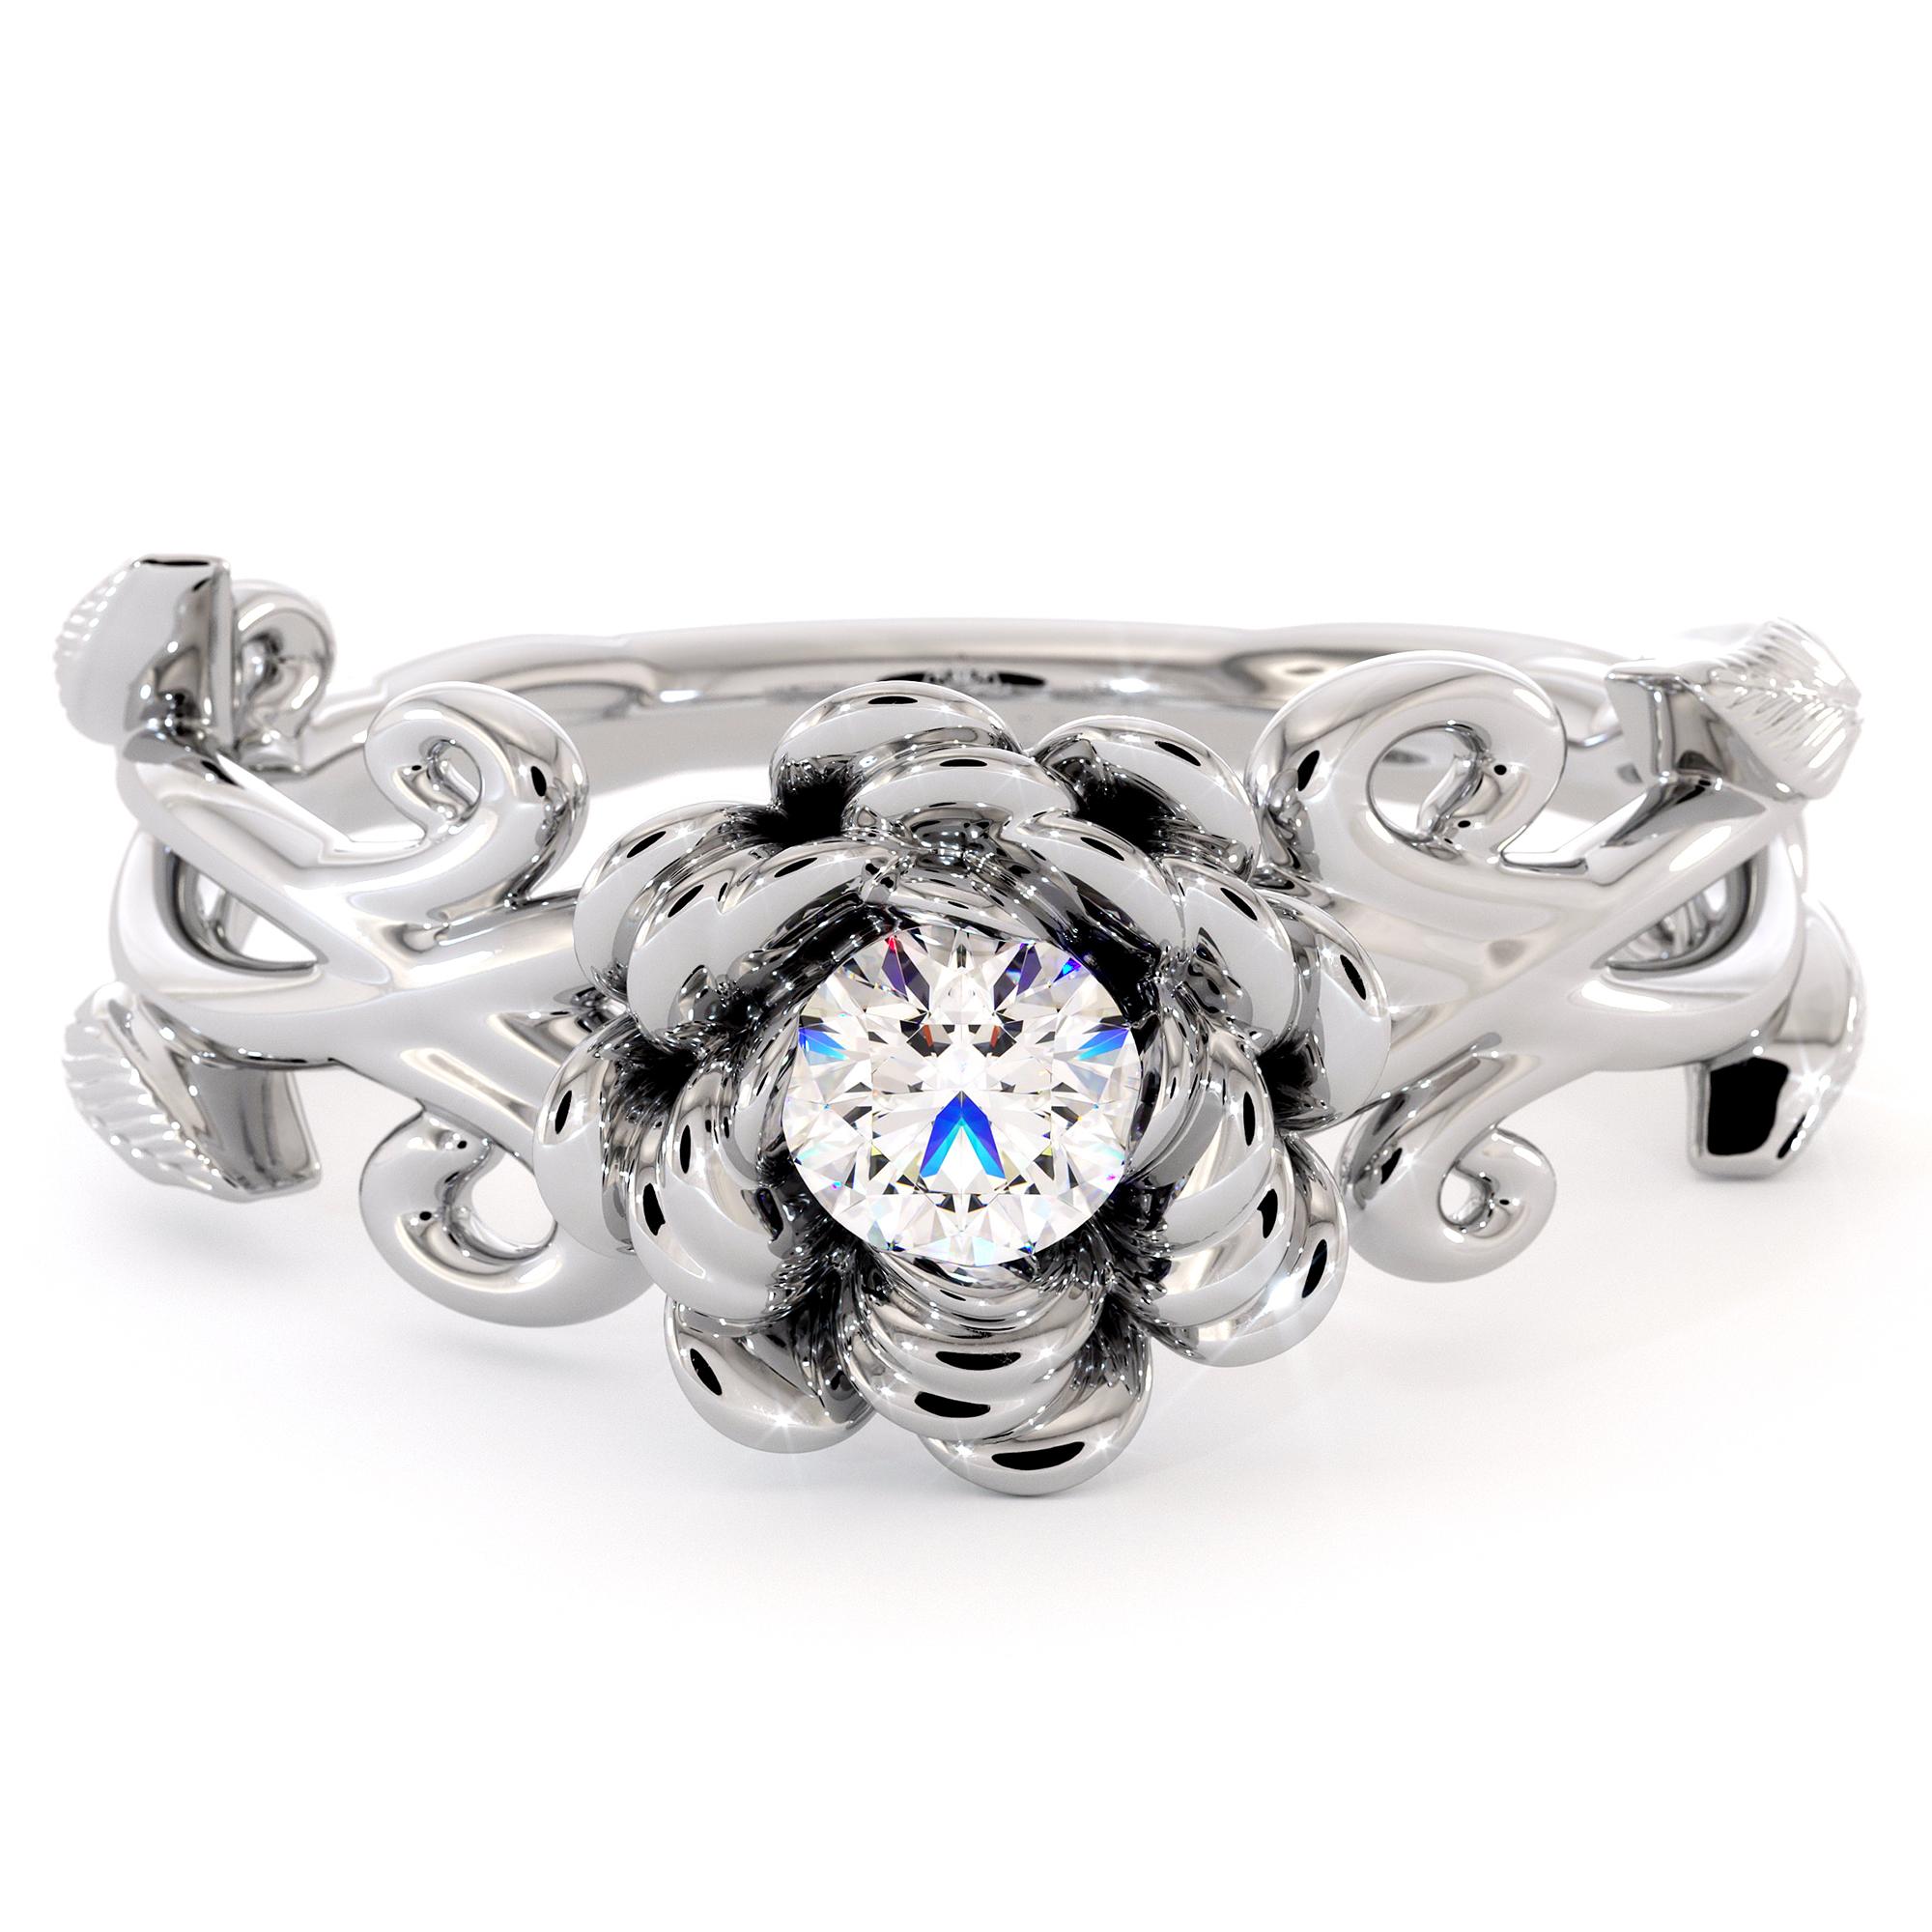 Diamond Engagement Ring Flower Ring White Gold Ring Solitaire Ring Flower Leaves Engagement Ring